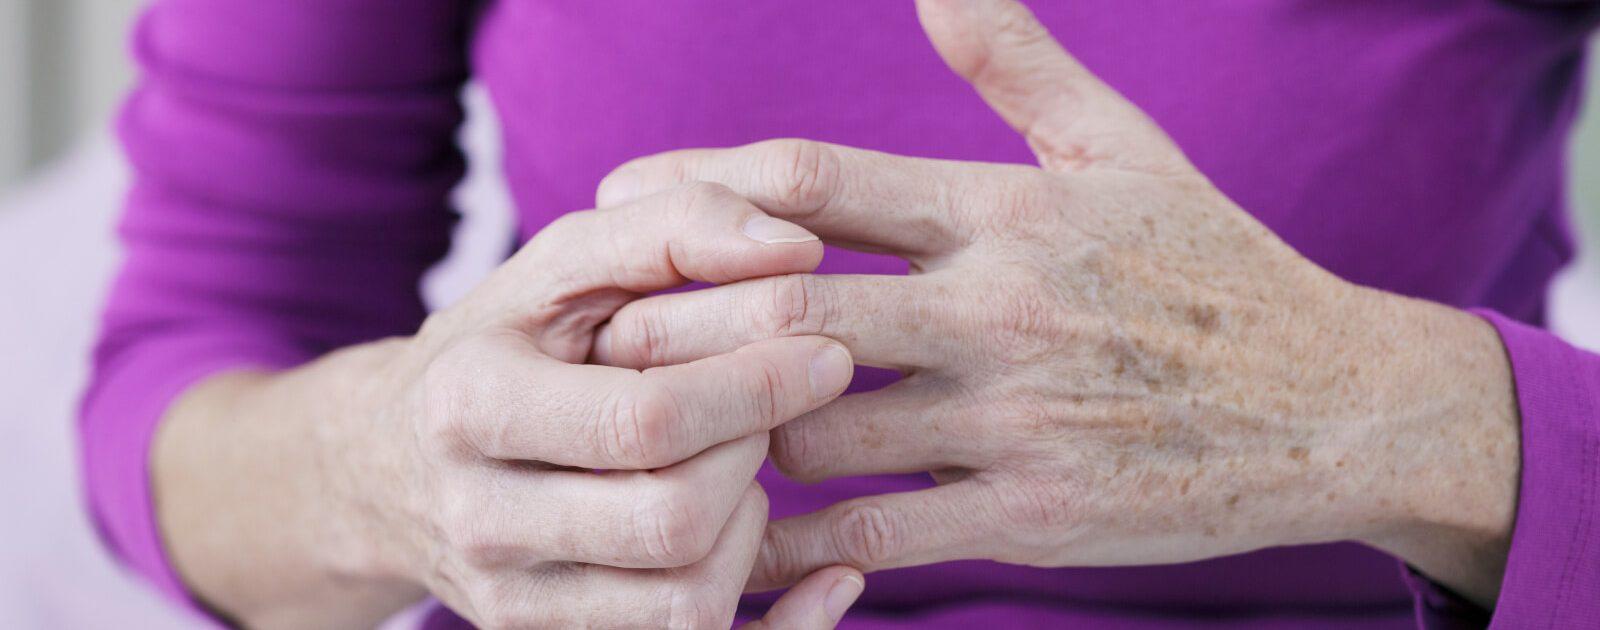 Ältere Dame leidet unter Arthrose in den Händen.